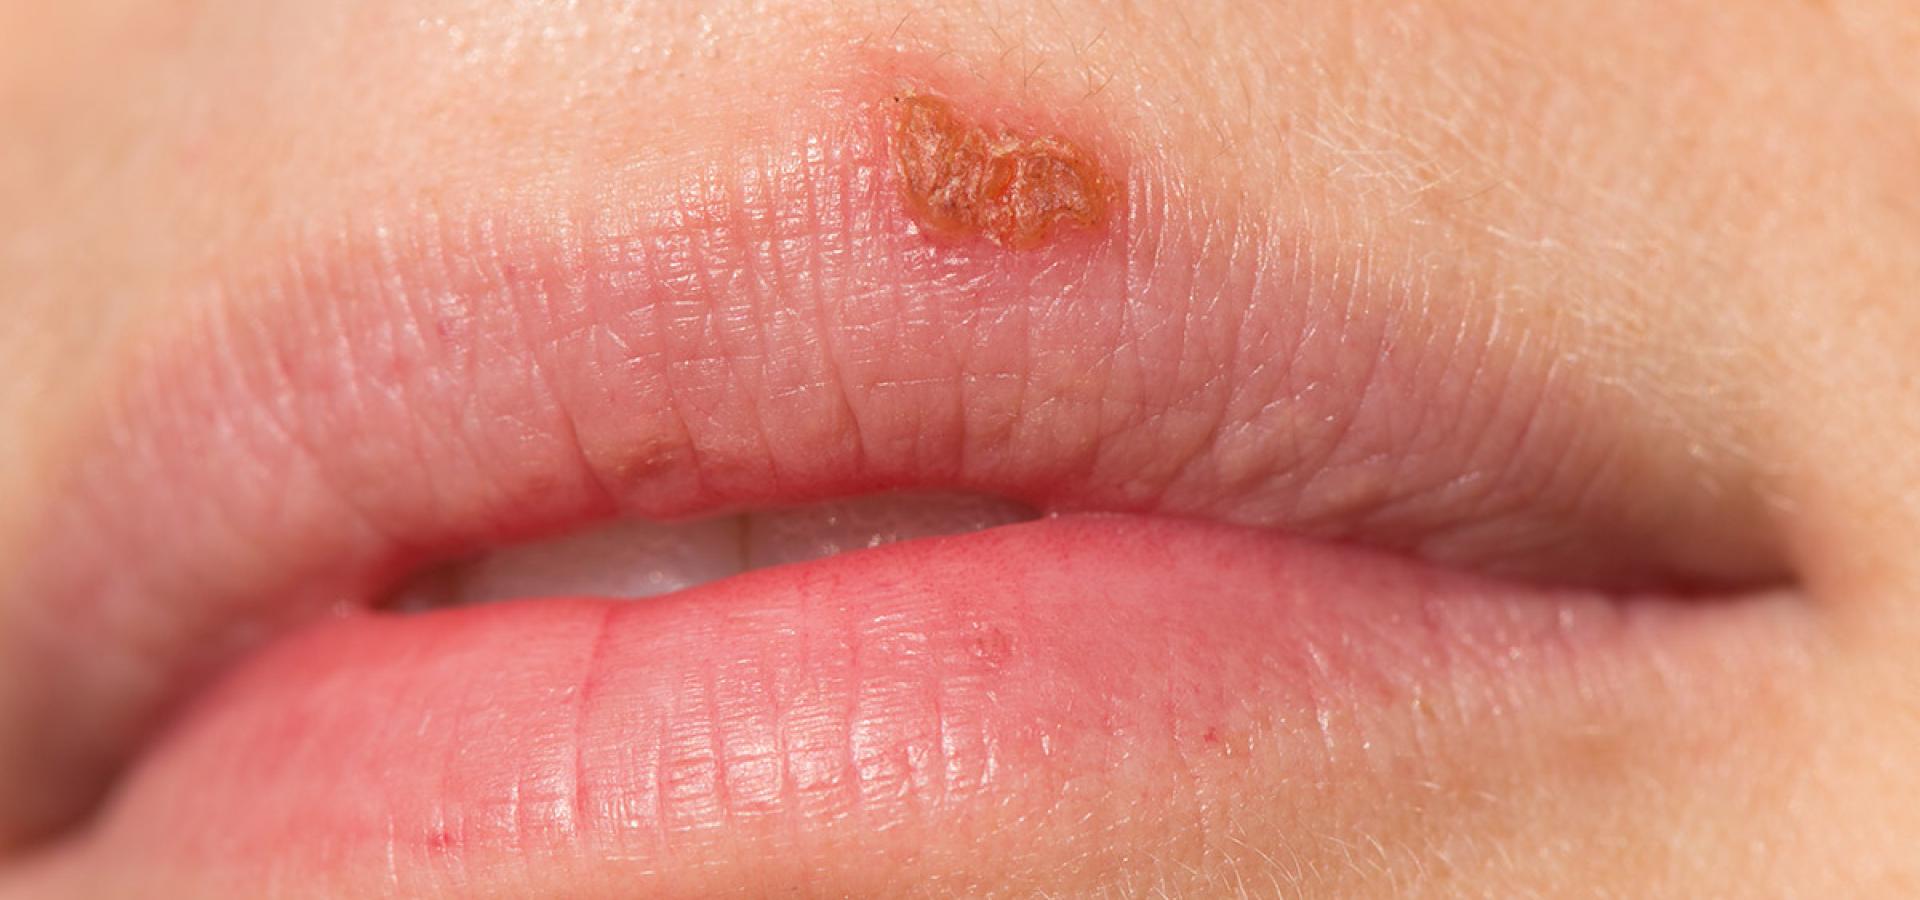 Почему появляется малярия на губах и как ее вылечить